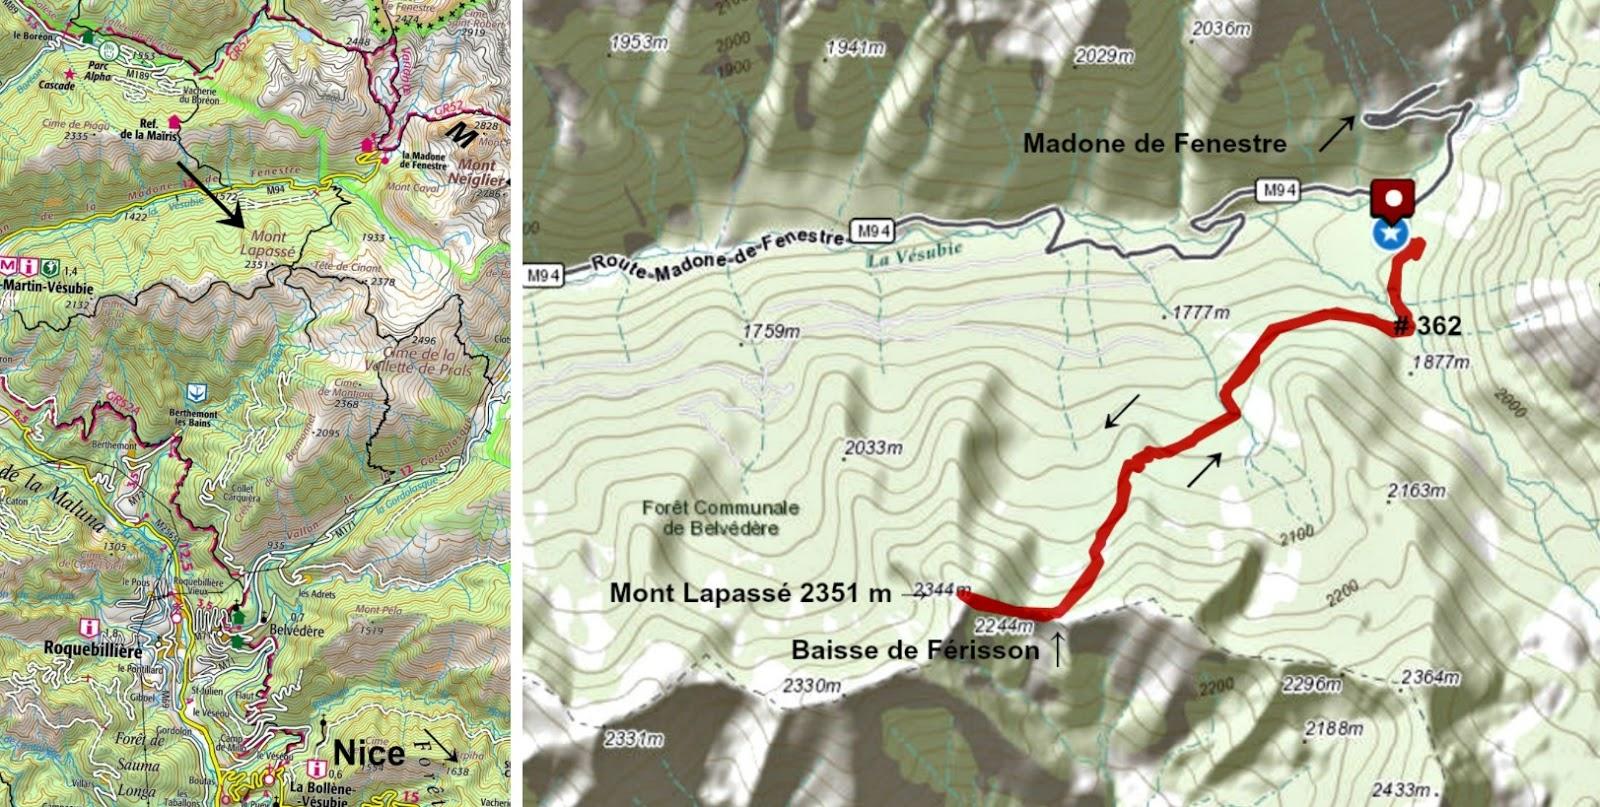 Mont Lapassé trail track and location